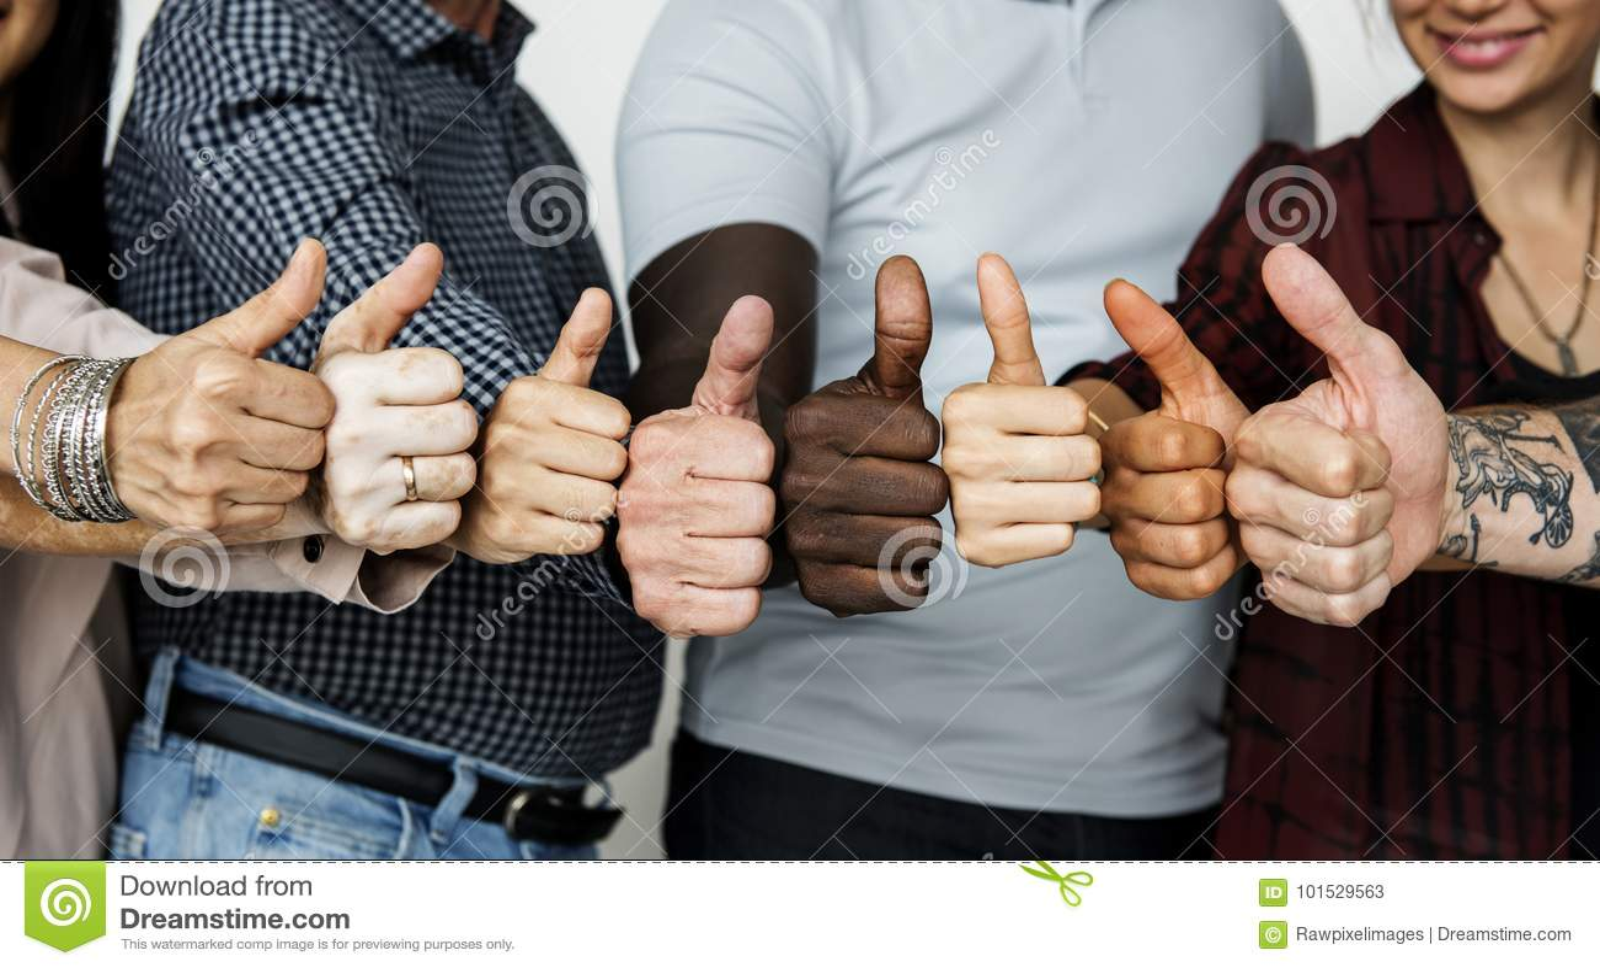 Diverse mensen die duimen tonen